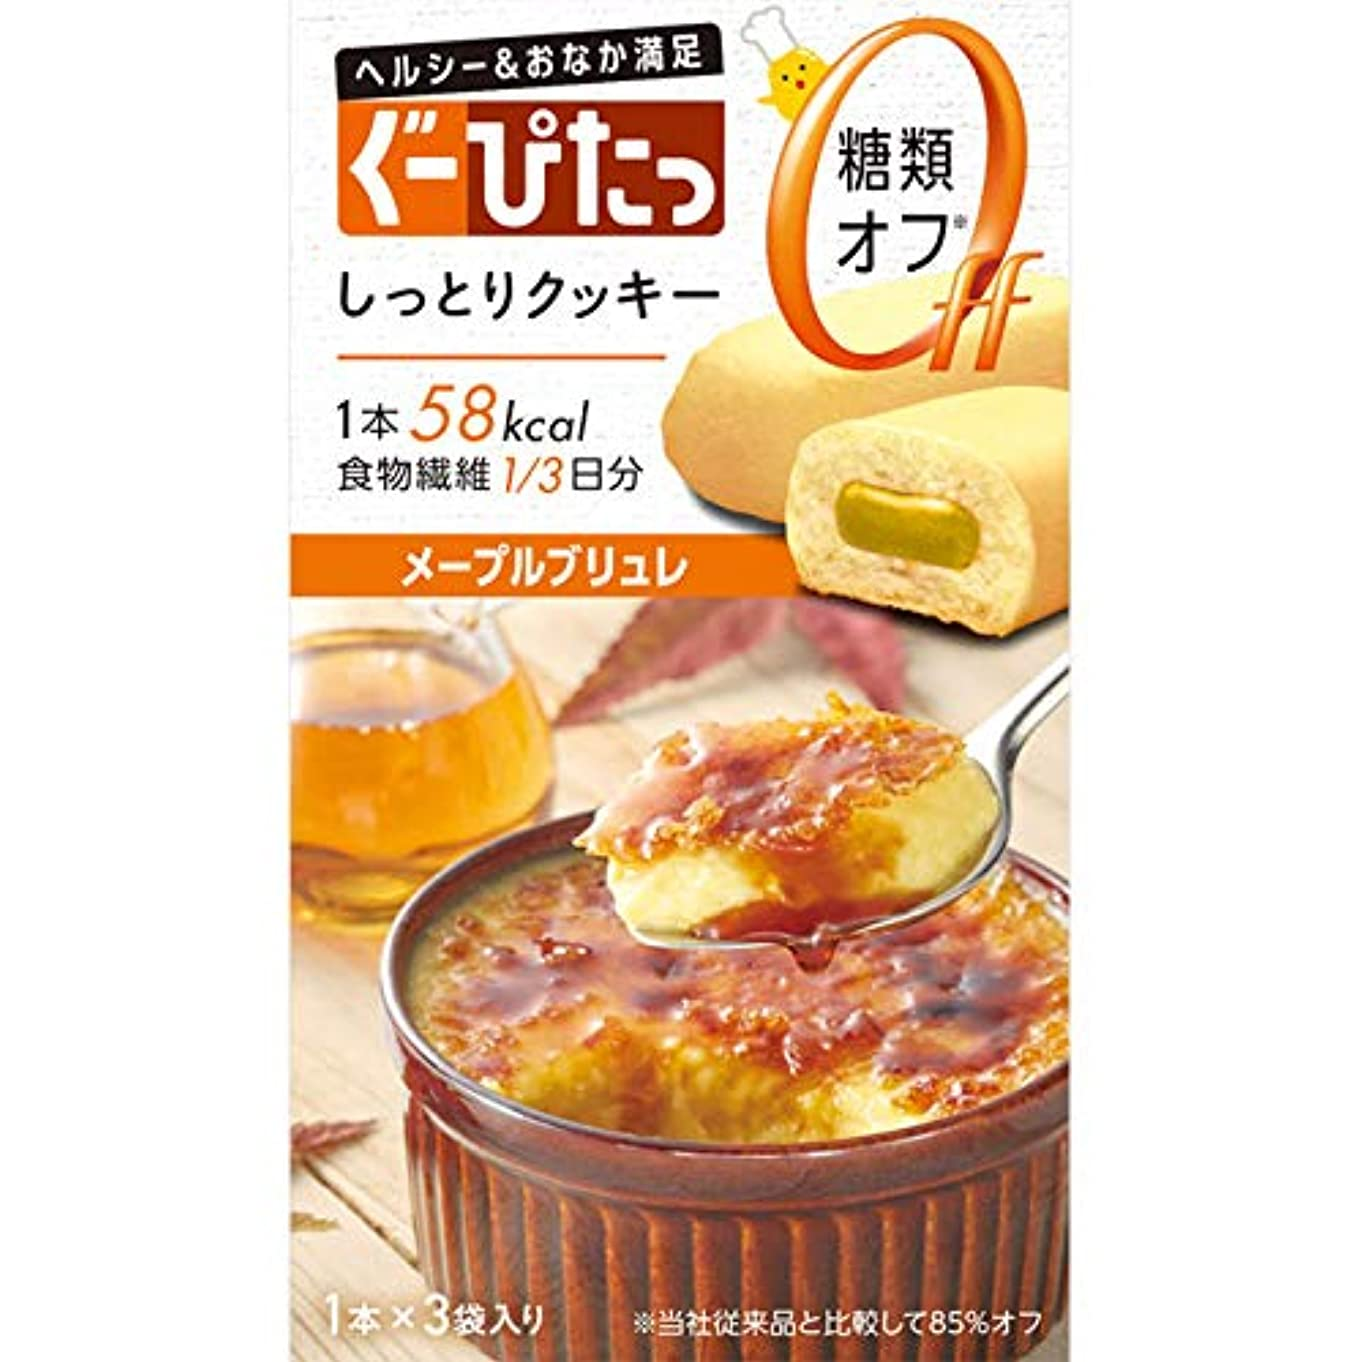 優れました組み合わせる喜びナリスアップ ぐーぴたっ しっとりクッキー メープルブリュレ (3本) ダイエット食品